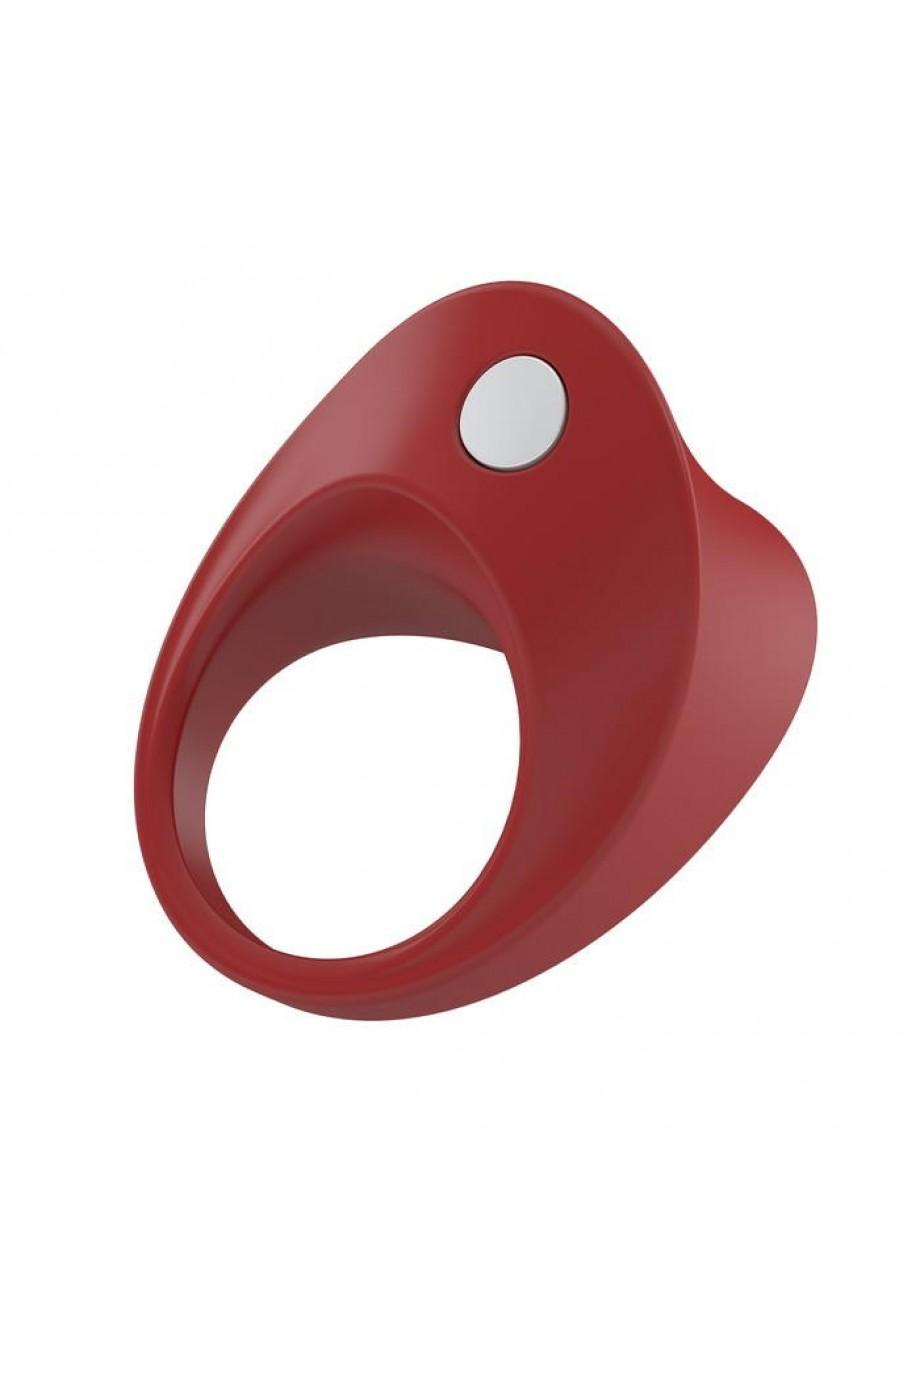 Эрекционное кольцо OVO закругленной формы с ультрасильной вибрацией, силиконовое, красное